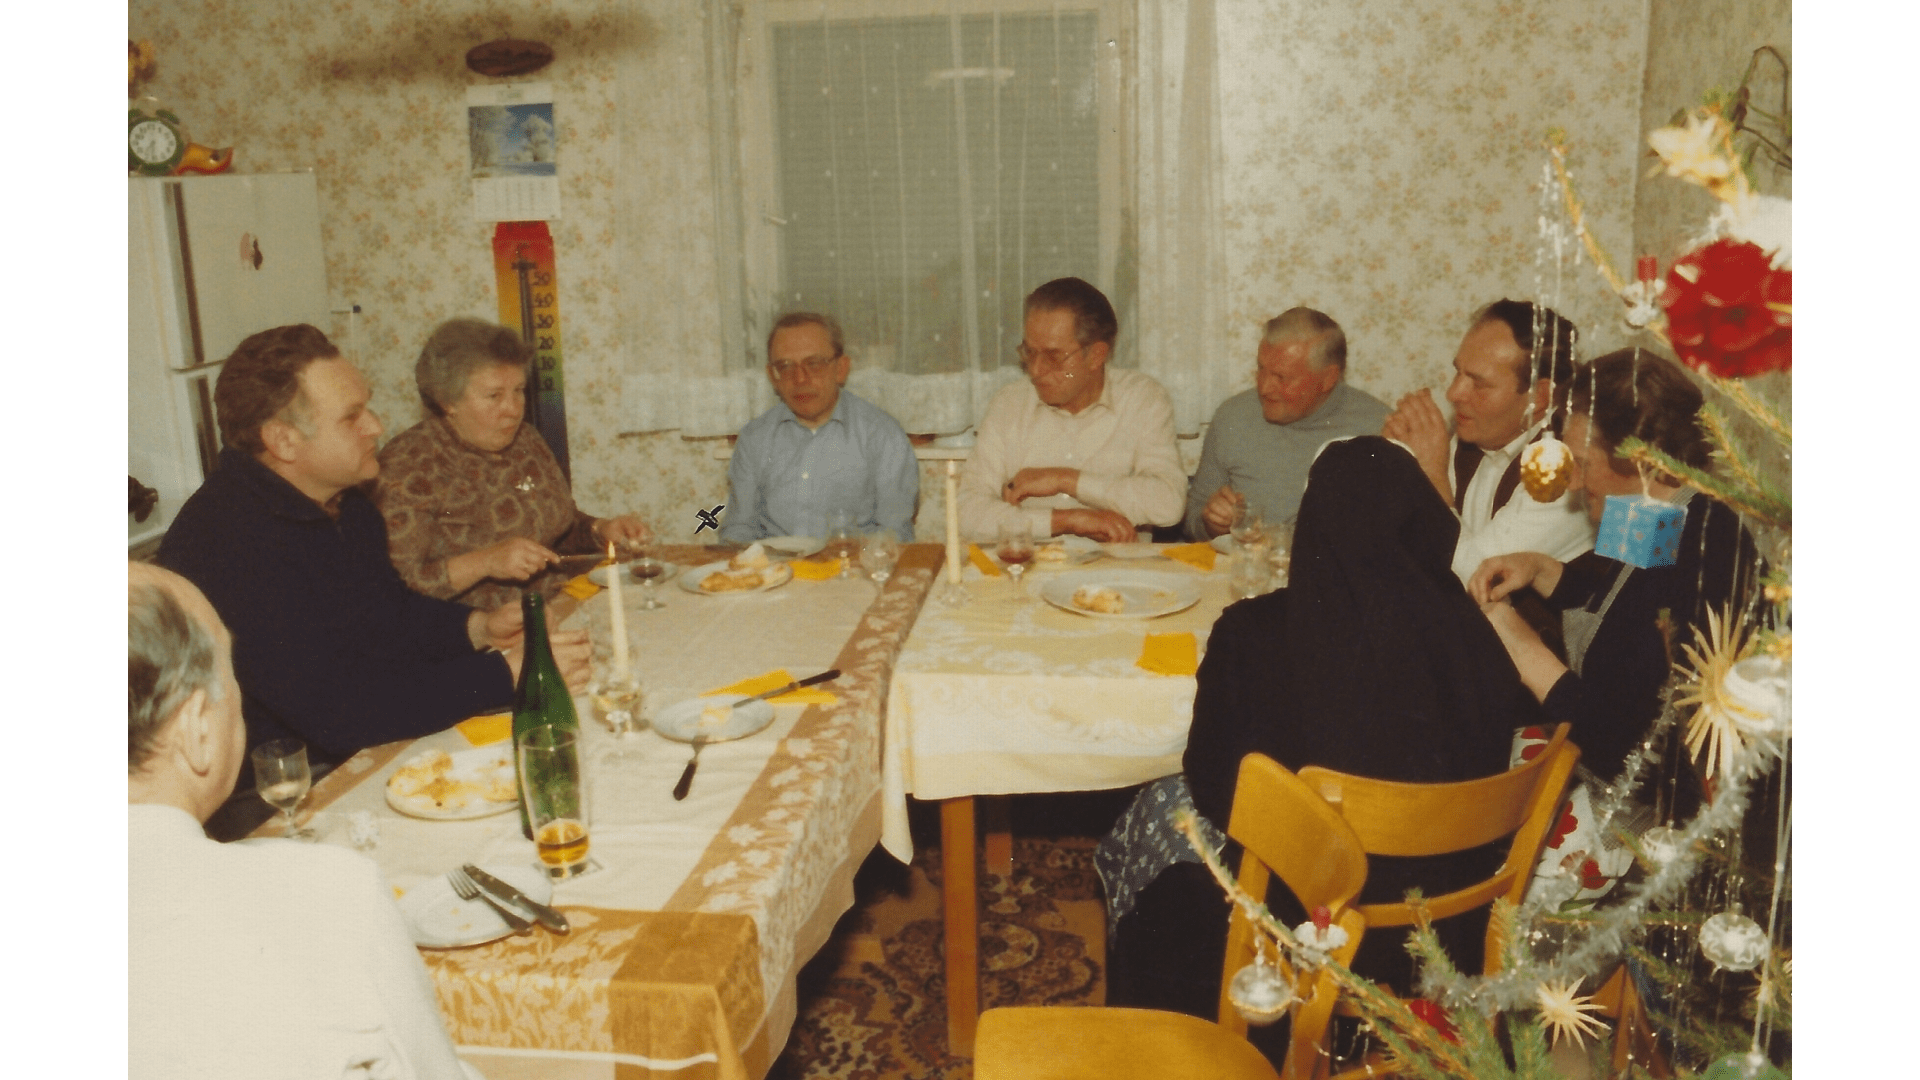 Abschiedsfeier der Schwestern und Freunden mit Dr. Martin Juritsch (blaues Hemd m. Brille), Generaloberer der Pallotiner, anlässlich der Amtsübernahme nach Rom im Jahre 1983.  Foto: Archiv Arme Schulschwestern